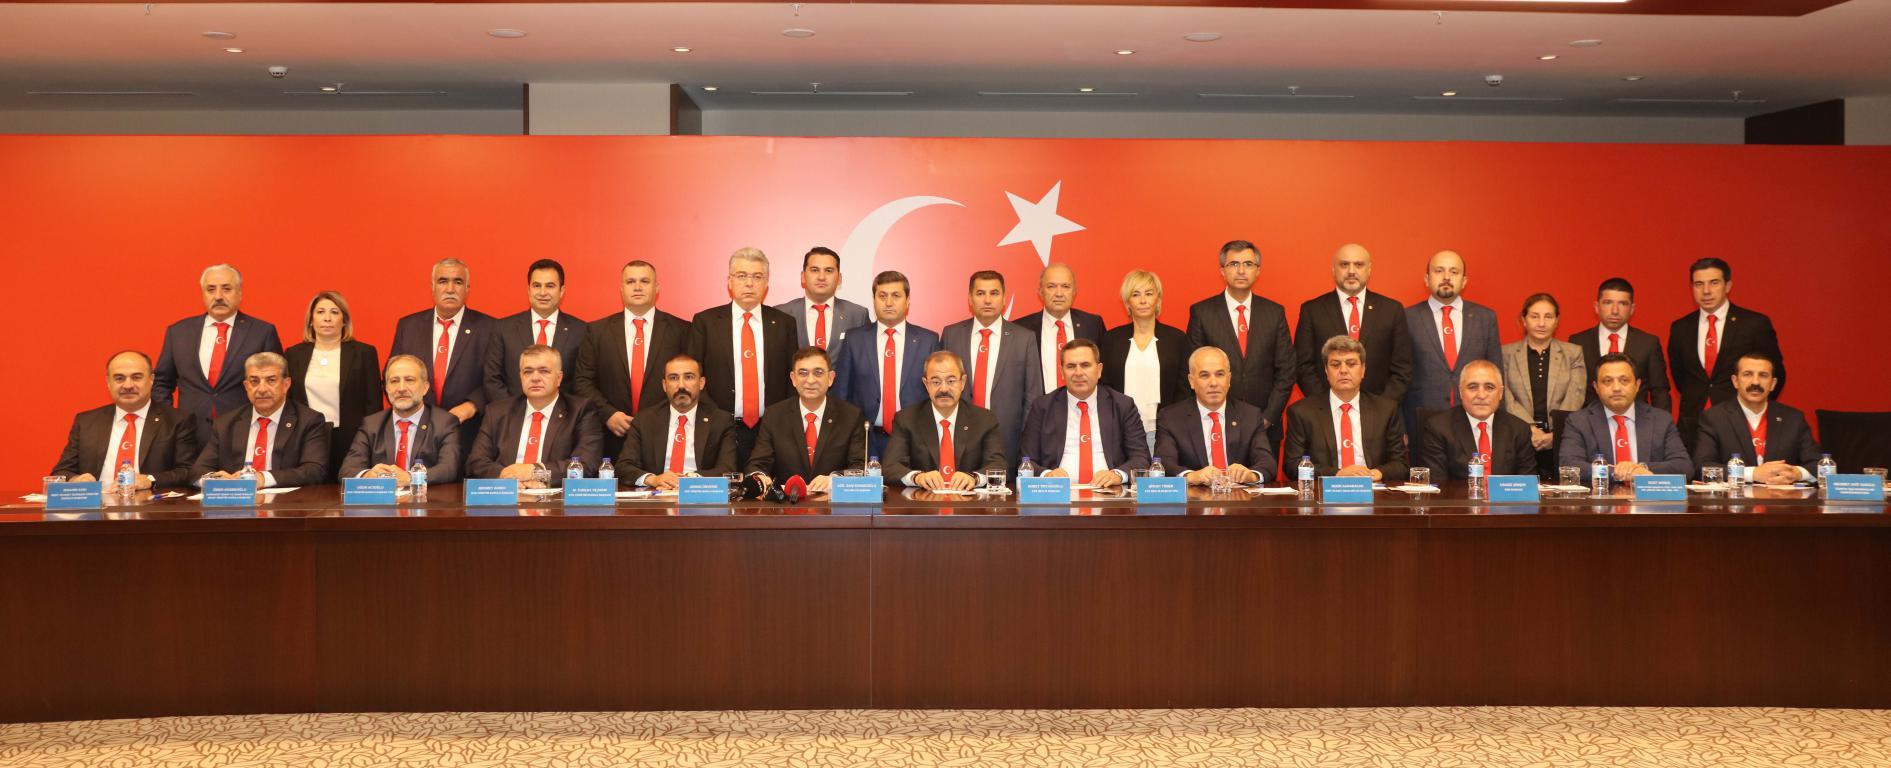 STK'lardan Barış Pınarı Harekatı'na destek için ortak açıklama